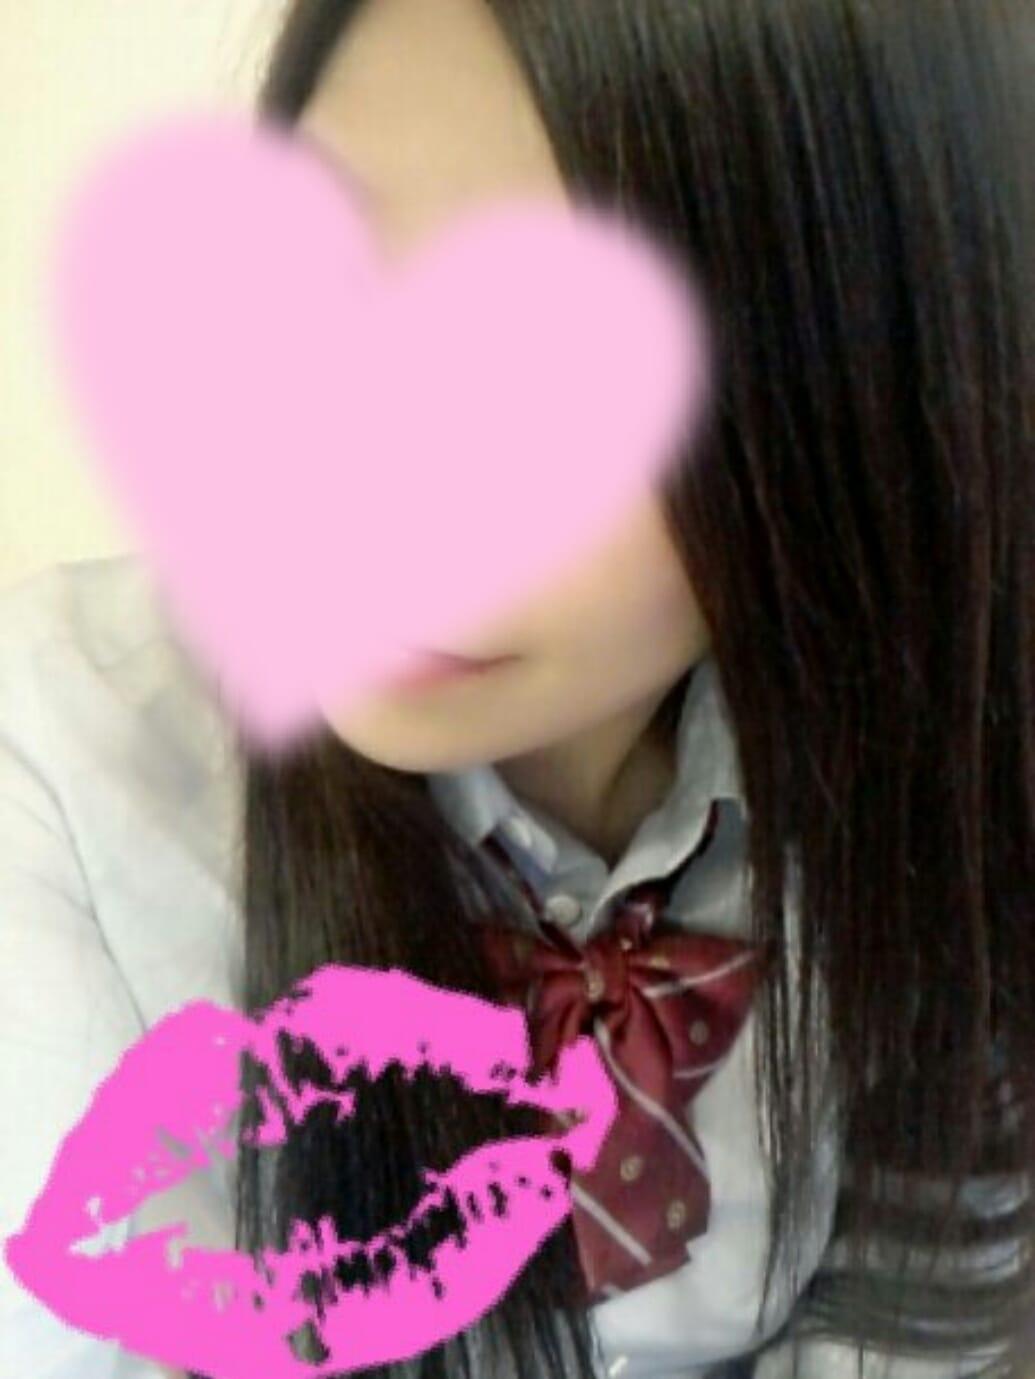 「おはよん♡」04/13(04/13) 17:13 | みなと奥様の写メ・風俗動画